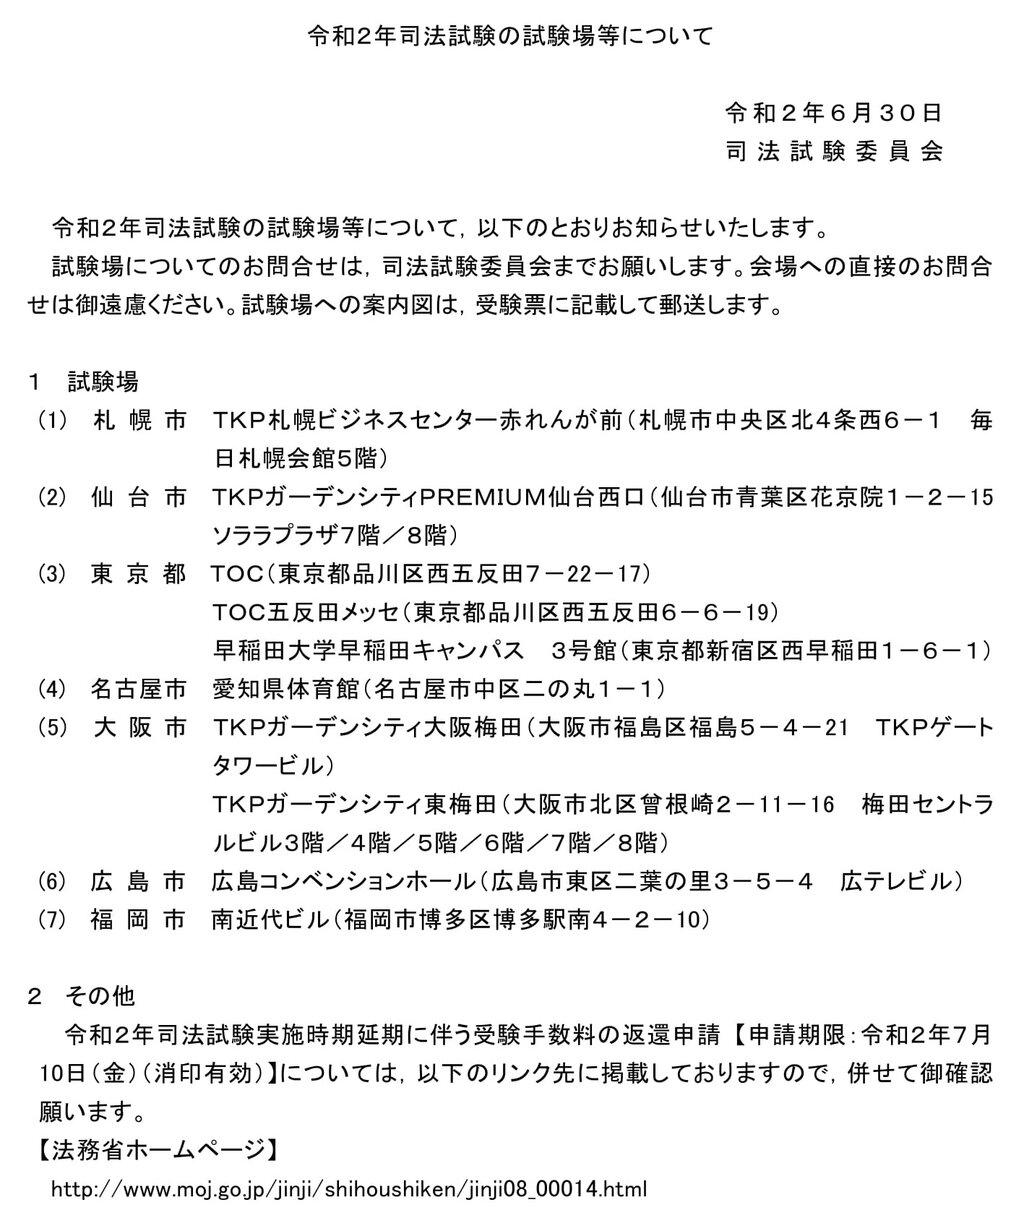 延期 司法 試験